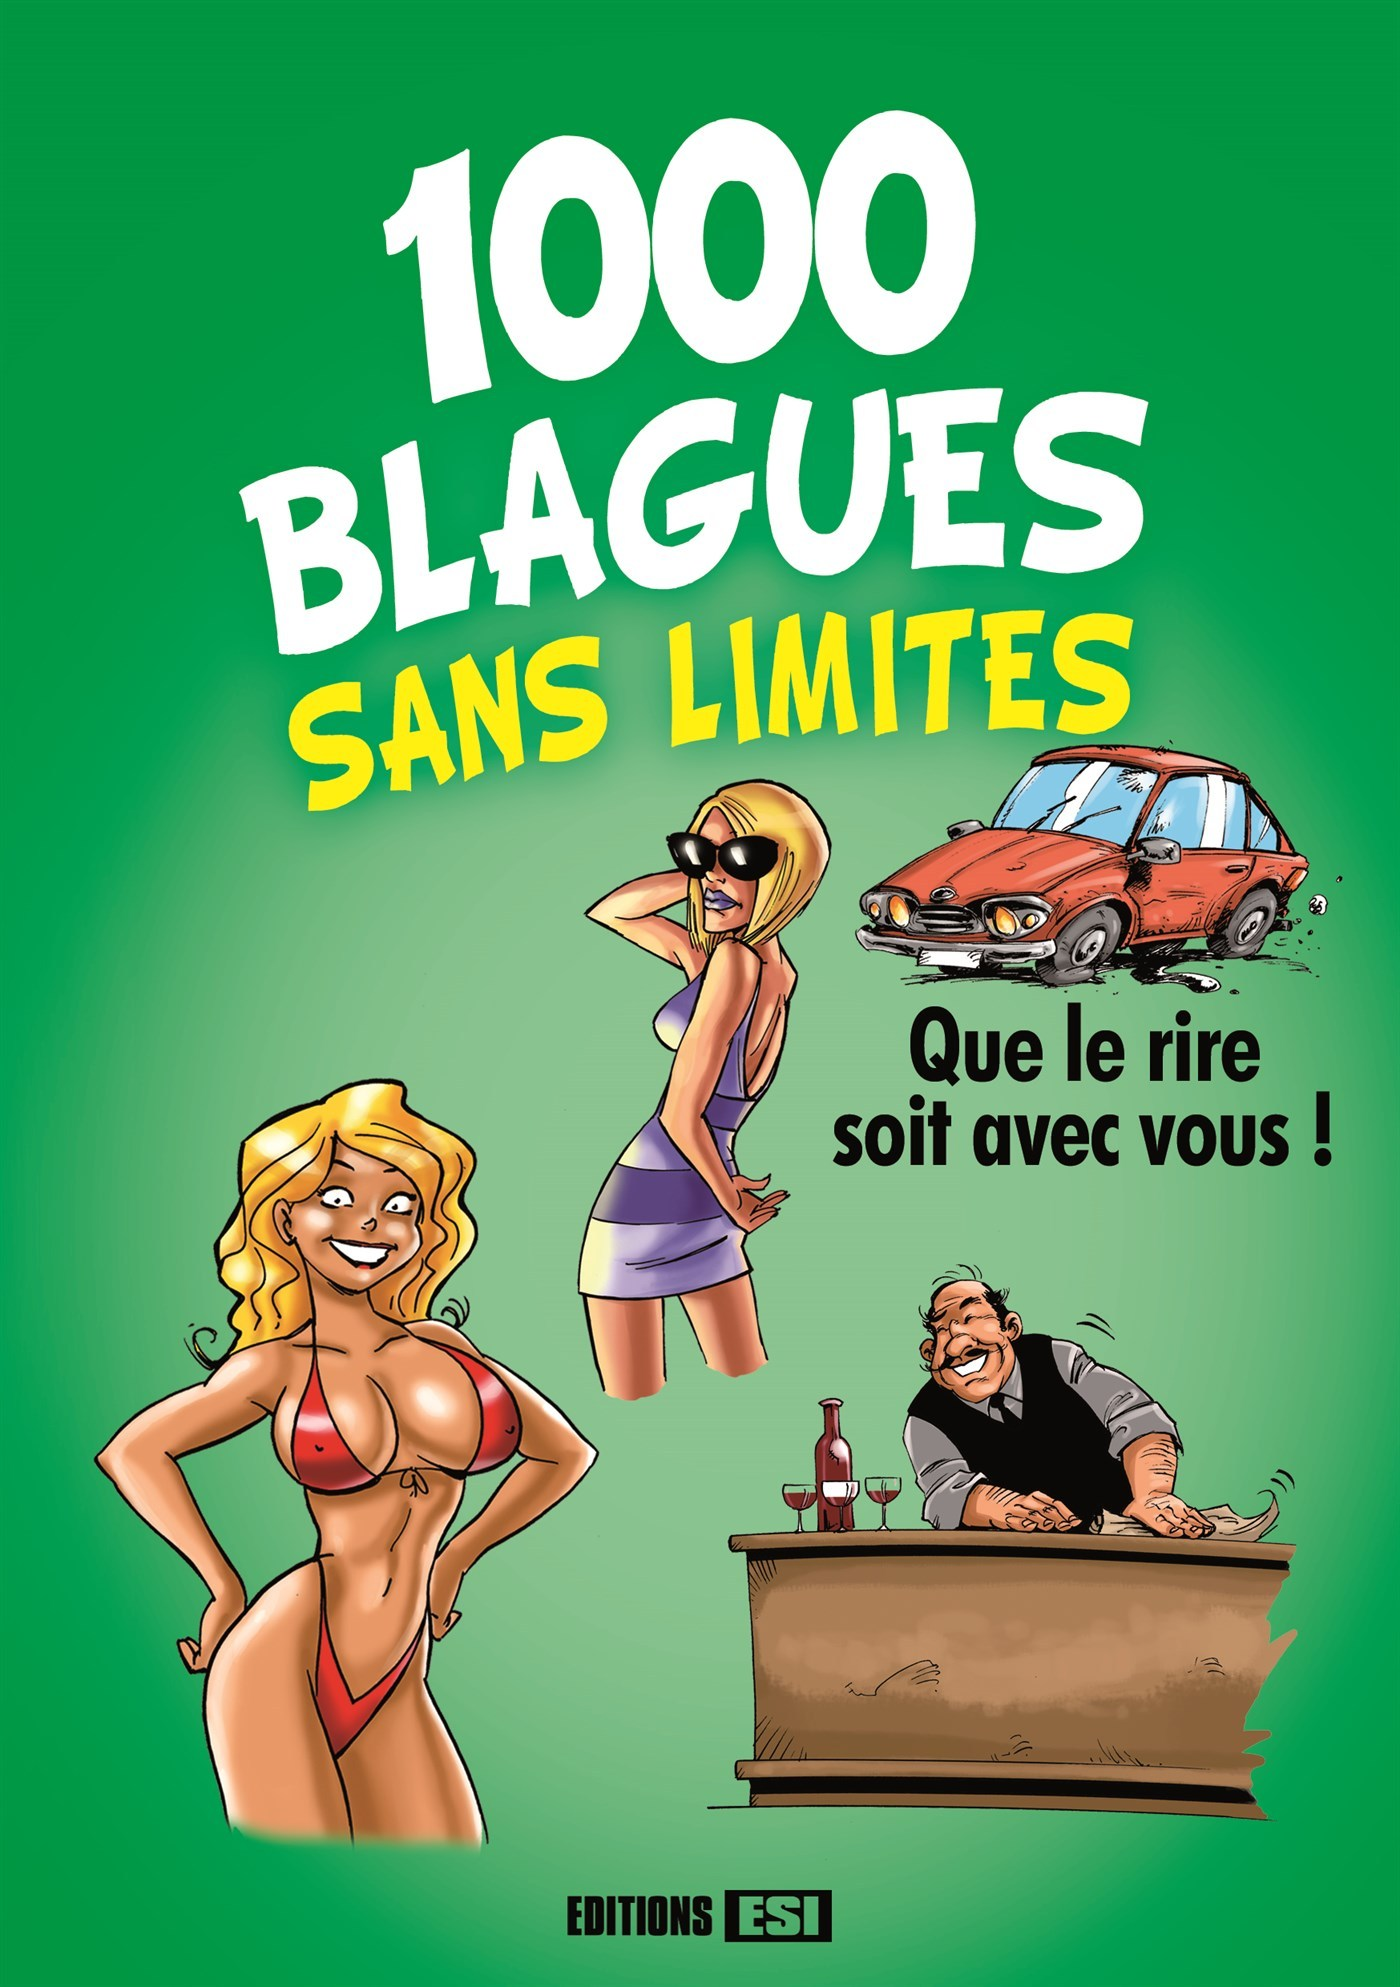 1000 BLAGUES SANS LIMITES